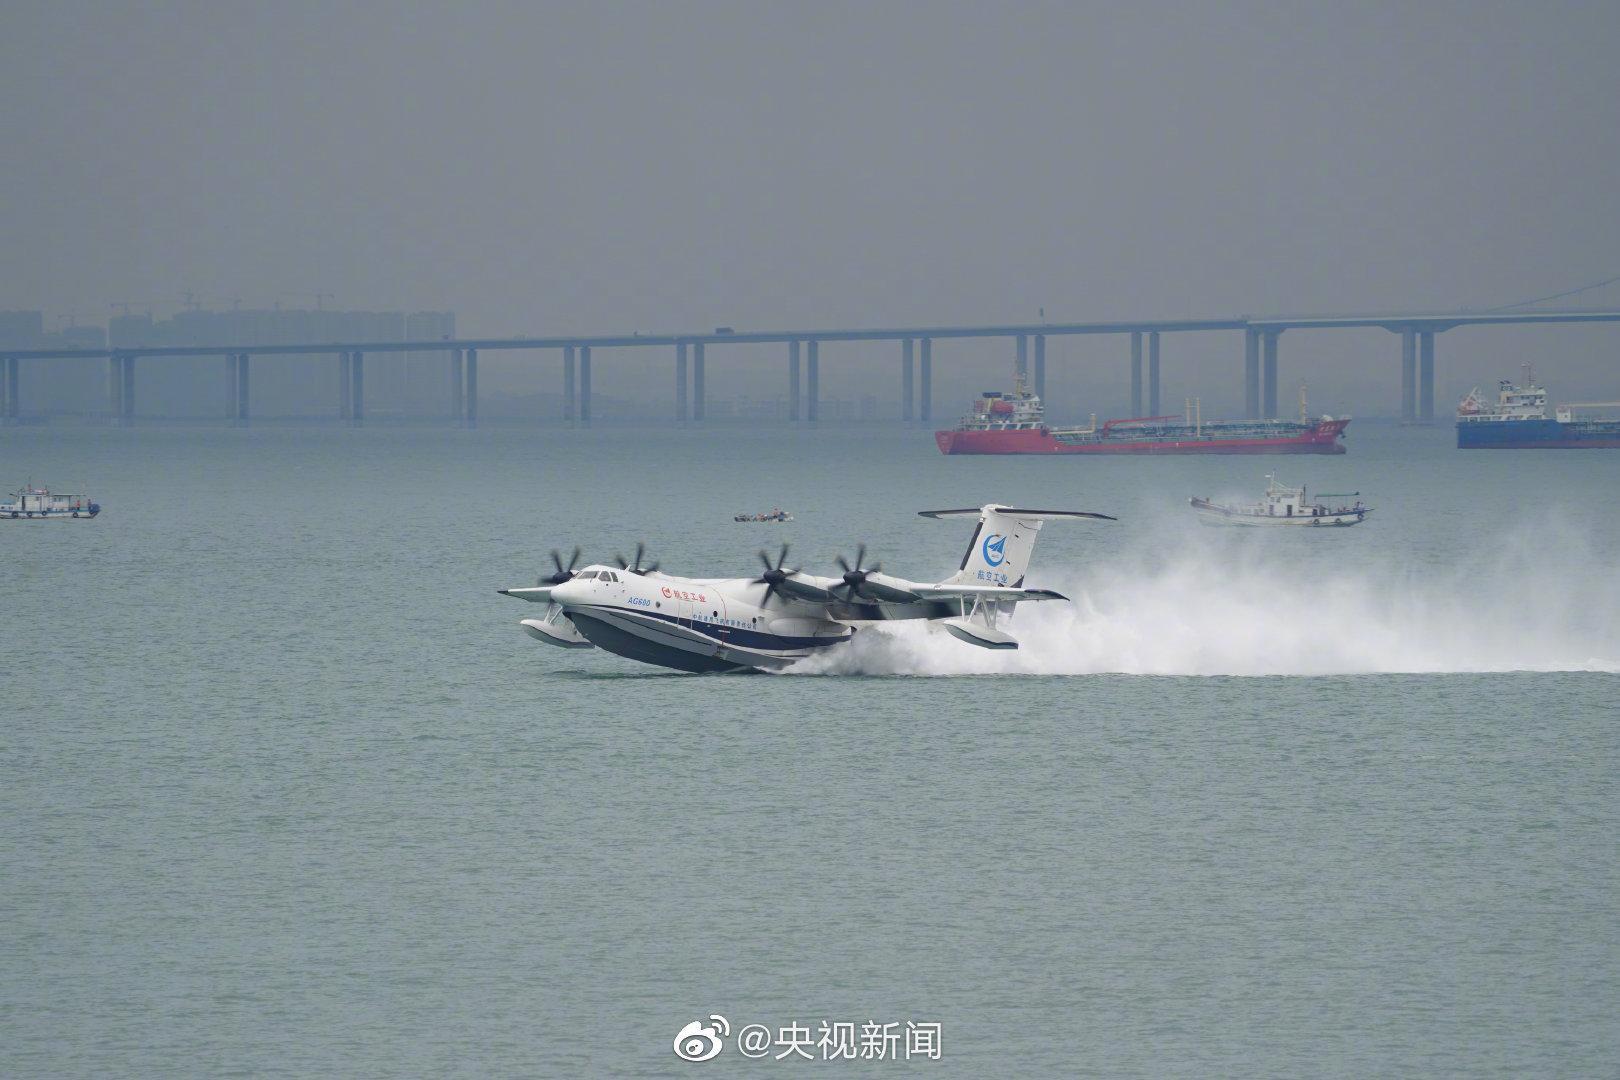 [杏悦]鲲龙AG60杏悦0海上首飞成功图片